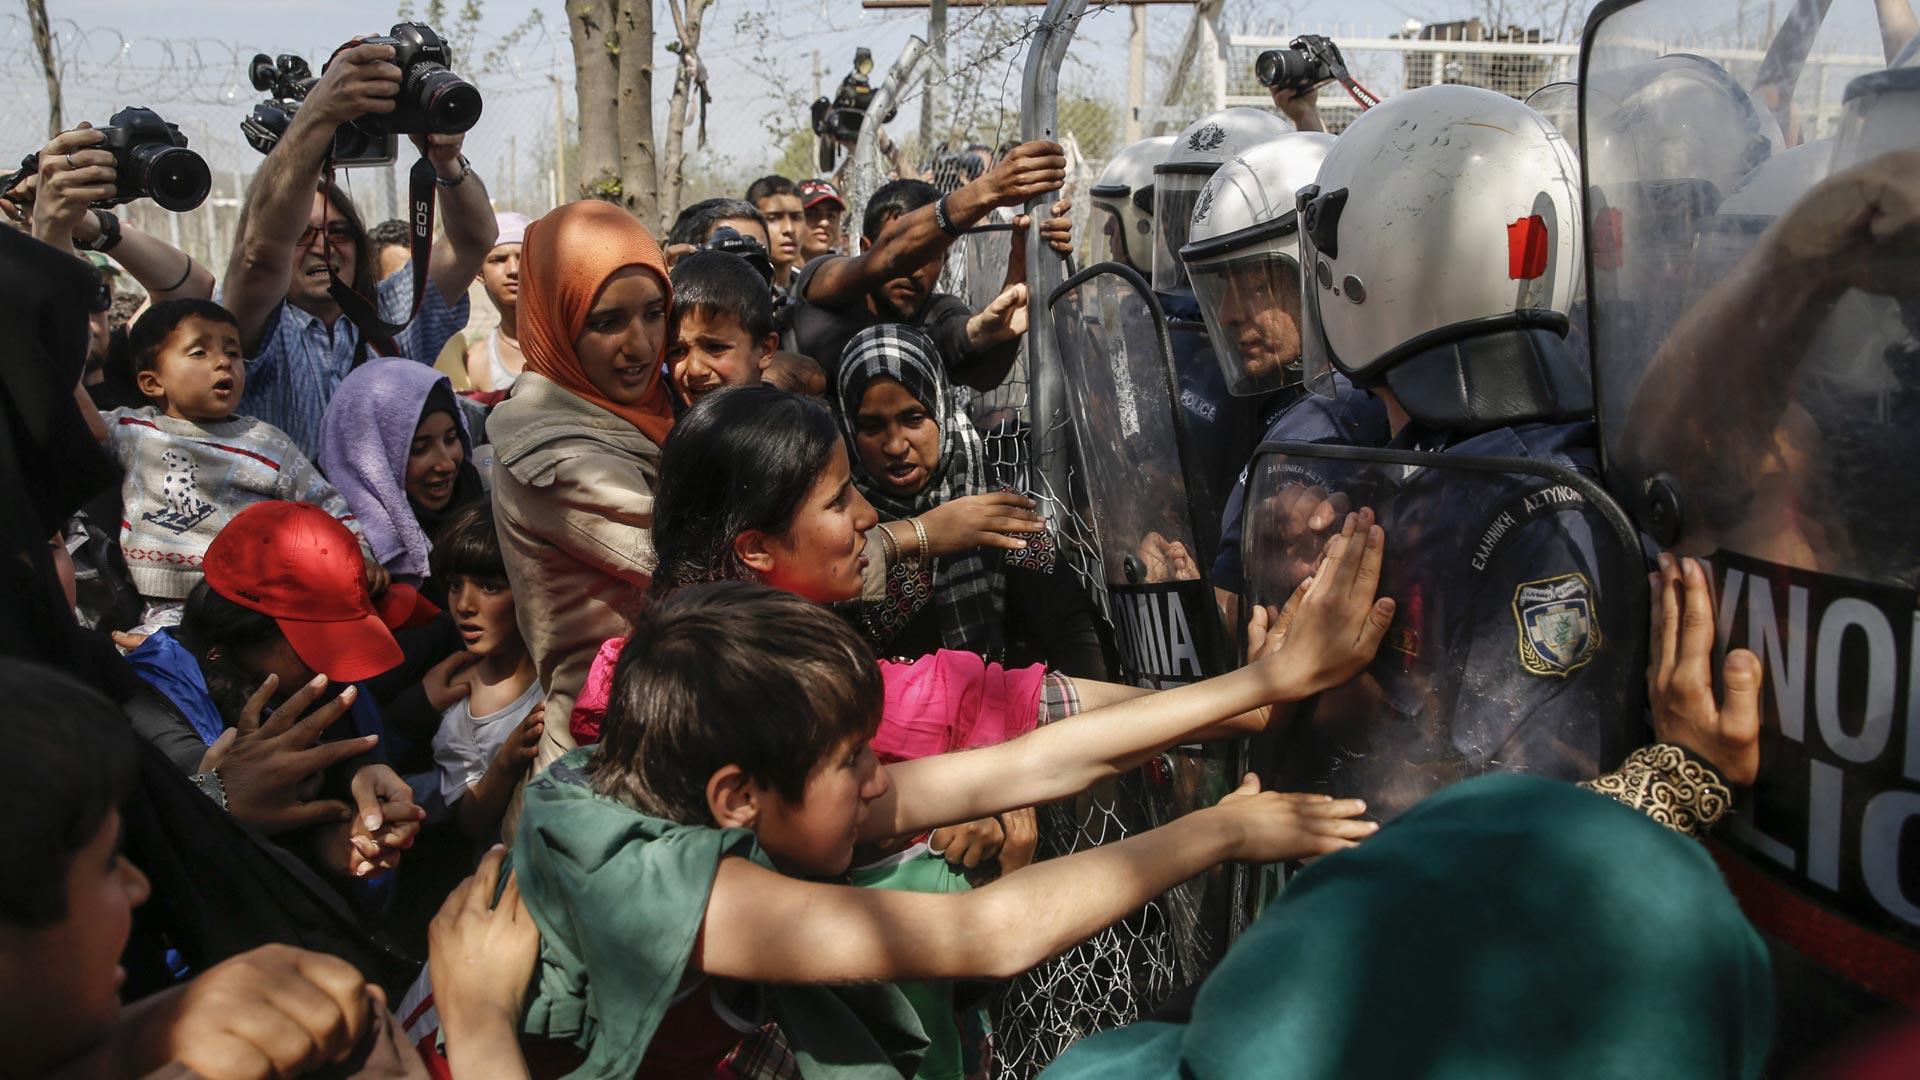 Querían apostarse frente al Parlamento griego. Las fuerzas de seguridad detuvieron a unos 40 migrantes